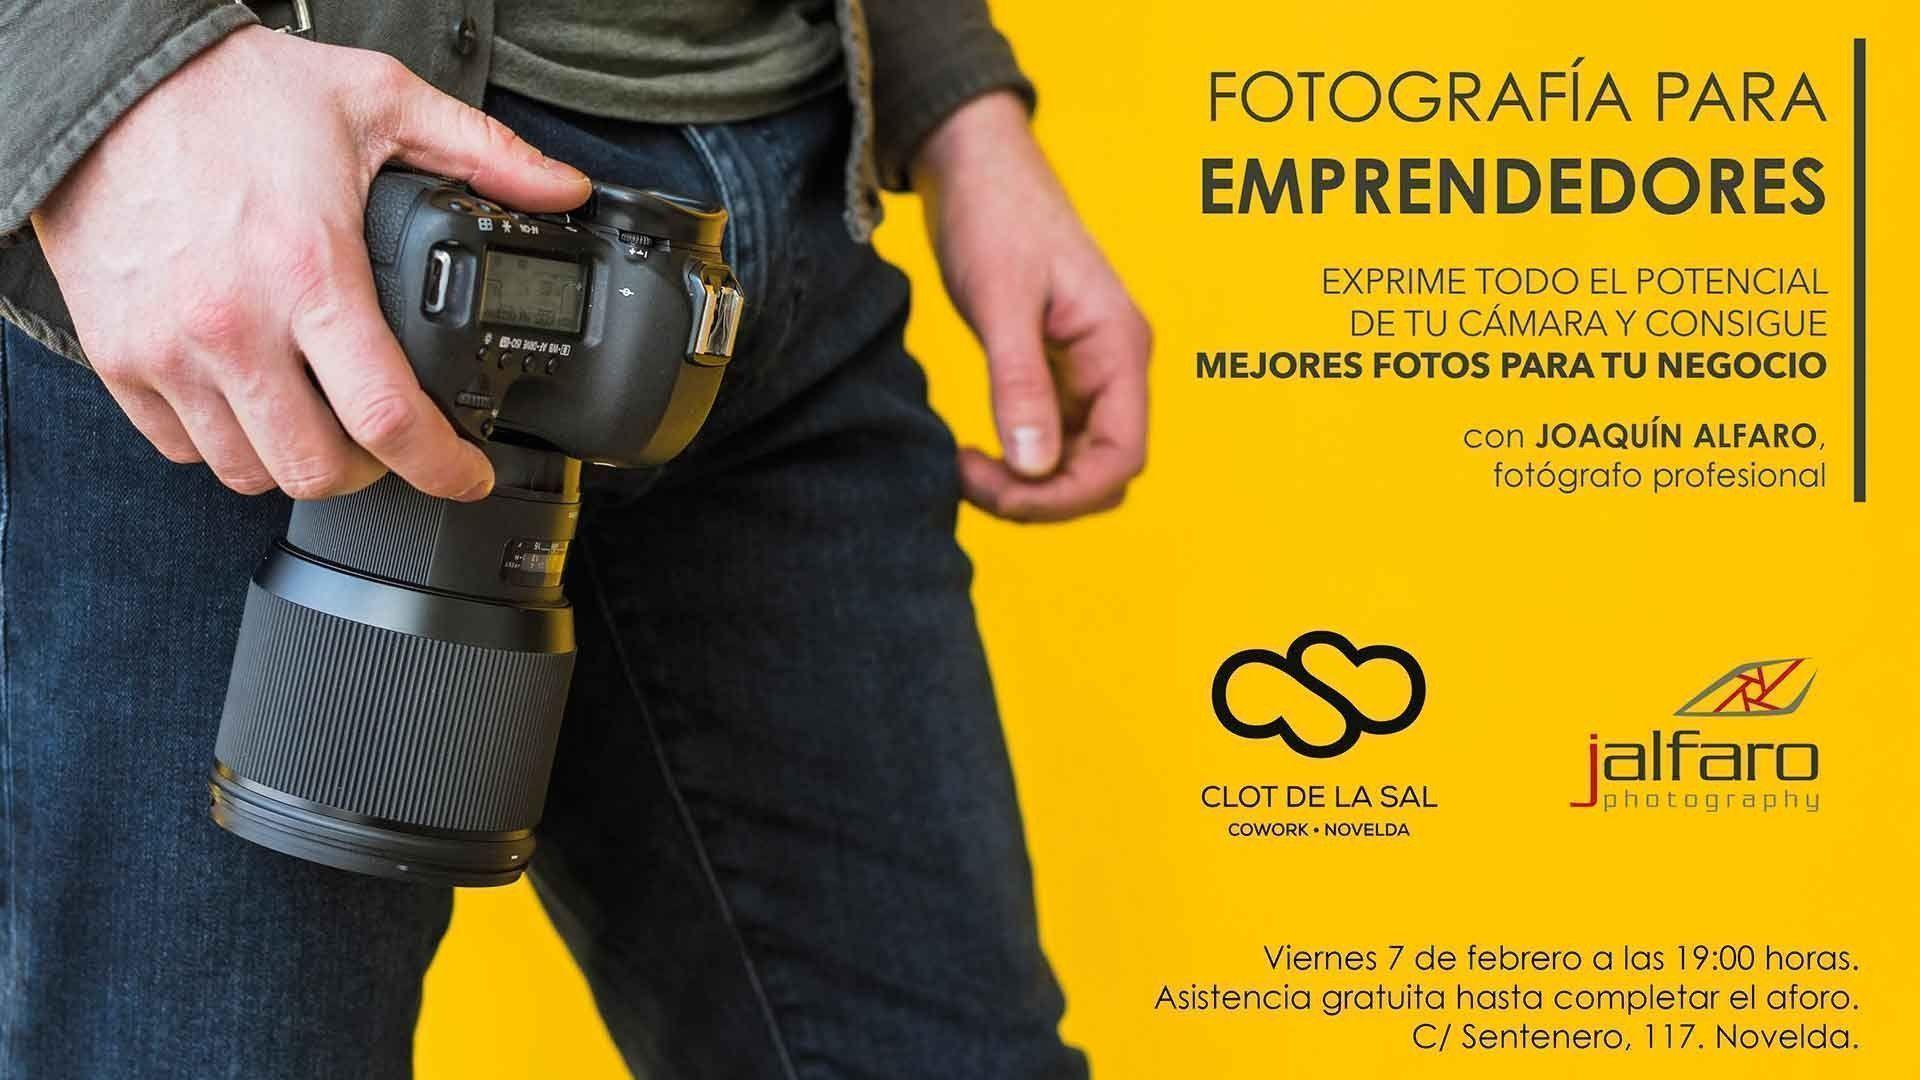 Clot de la Sal clot-de-la-sal-talleres-fotografia-para-emprendedores-con-alfaro Fotografía para emprendedores con Joaquín Alfaro